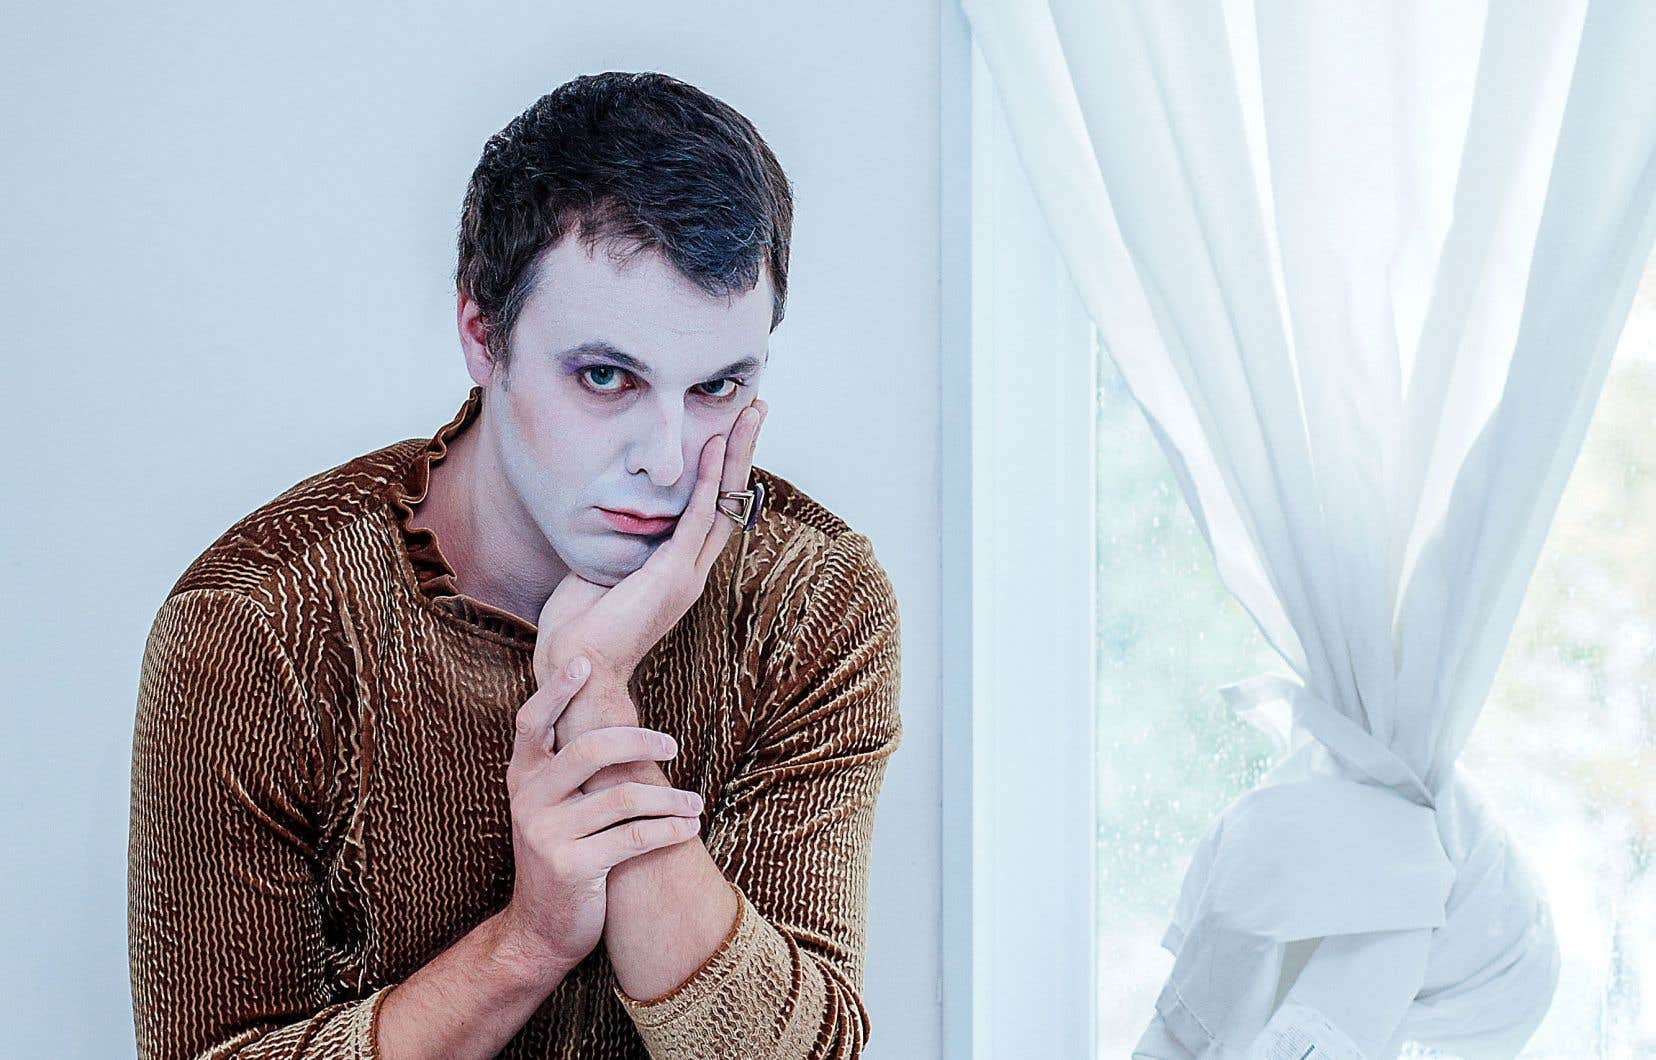 Entre donc en scène le nouvel Anatole. Le visage blanc est toujours là. Mais le performeur présente ses aveux: cette «Nouvelle L.A.» messianique qu'il nous avait promise auparavant n'était qu'un bluff.